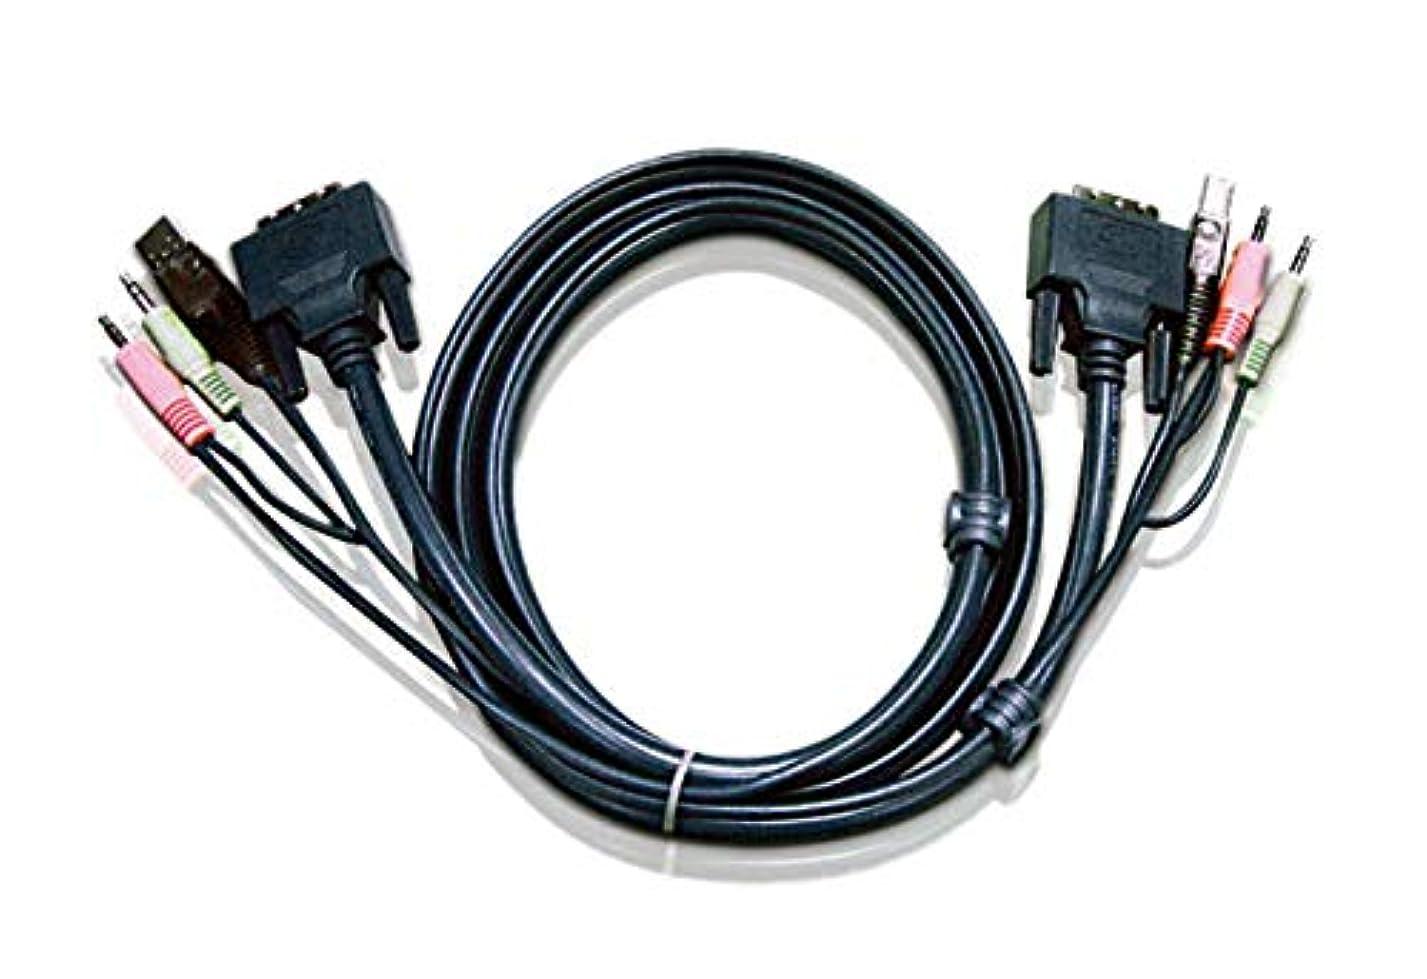 蒸発スリンクモネATEN 2L-7D03UI DVI-Iシングルリンクケーブル 3m